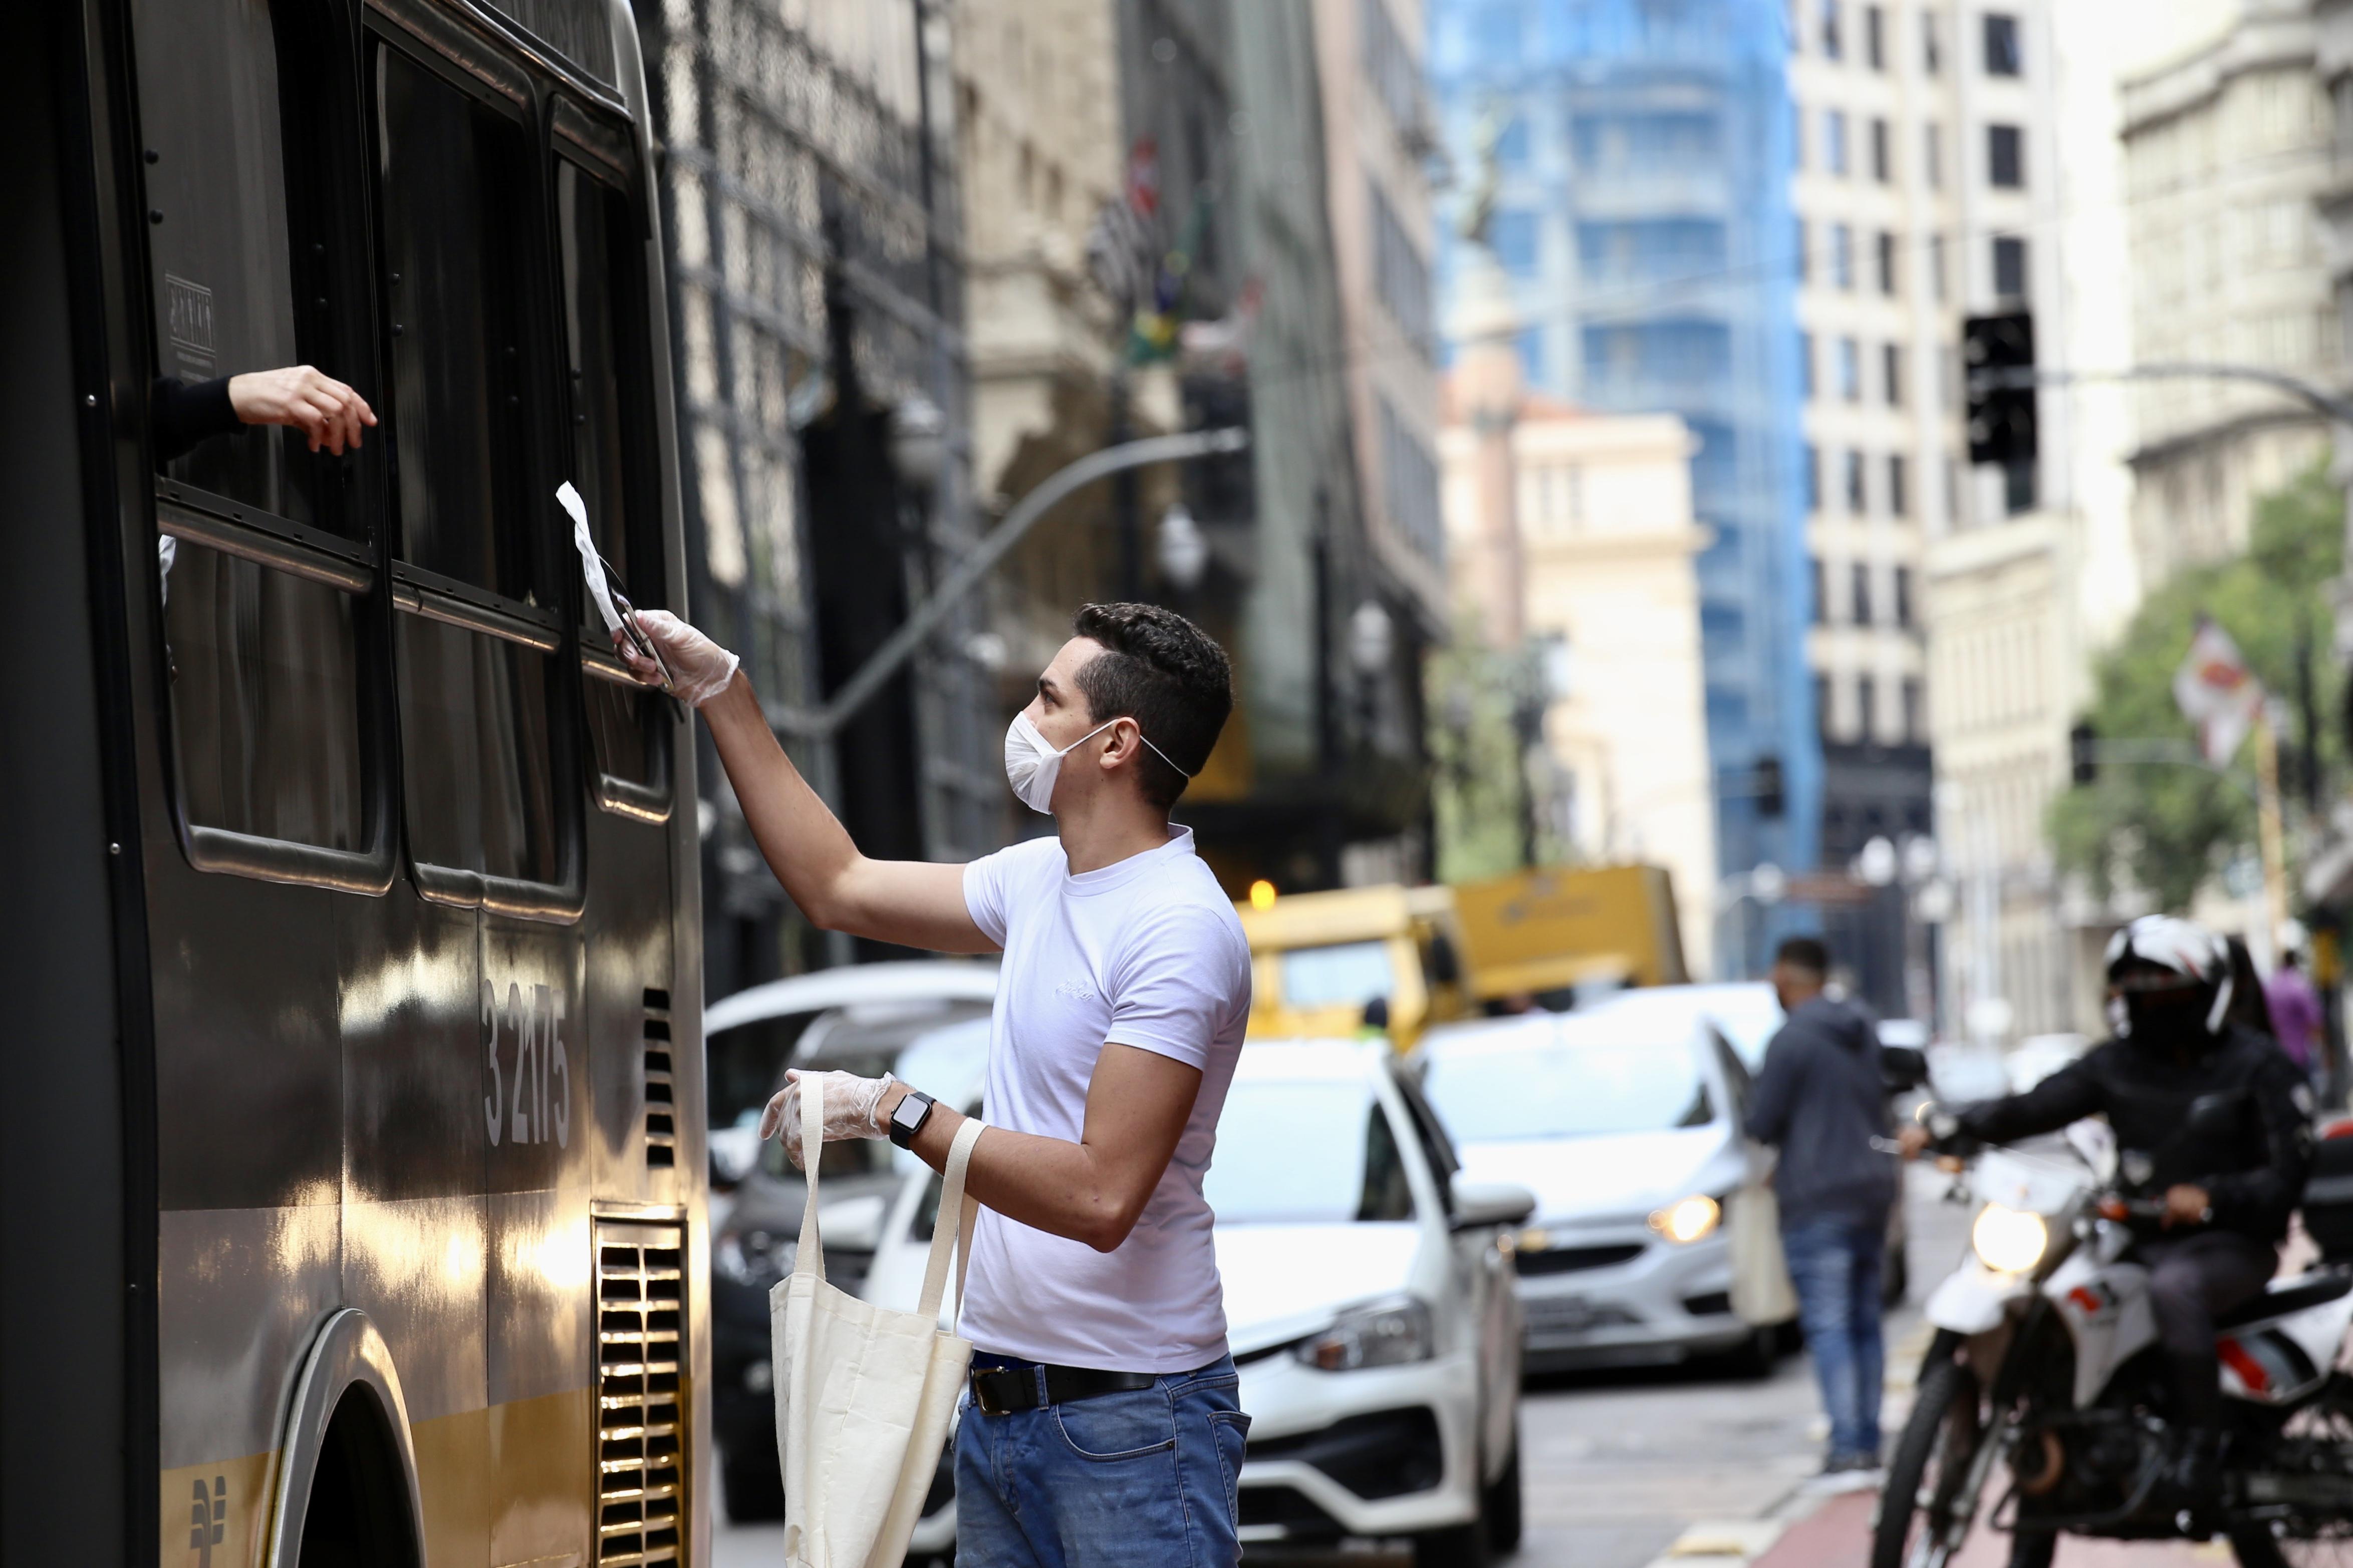 IMAGEM: Pessoas de 20 a 59 anos tendem a ser mais afetadas pela pandemia, diz Fiocruz